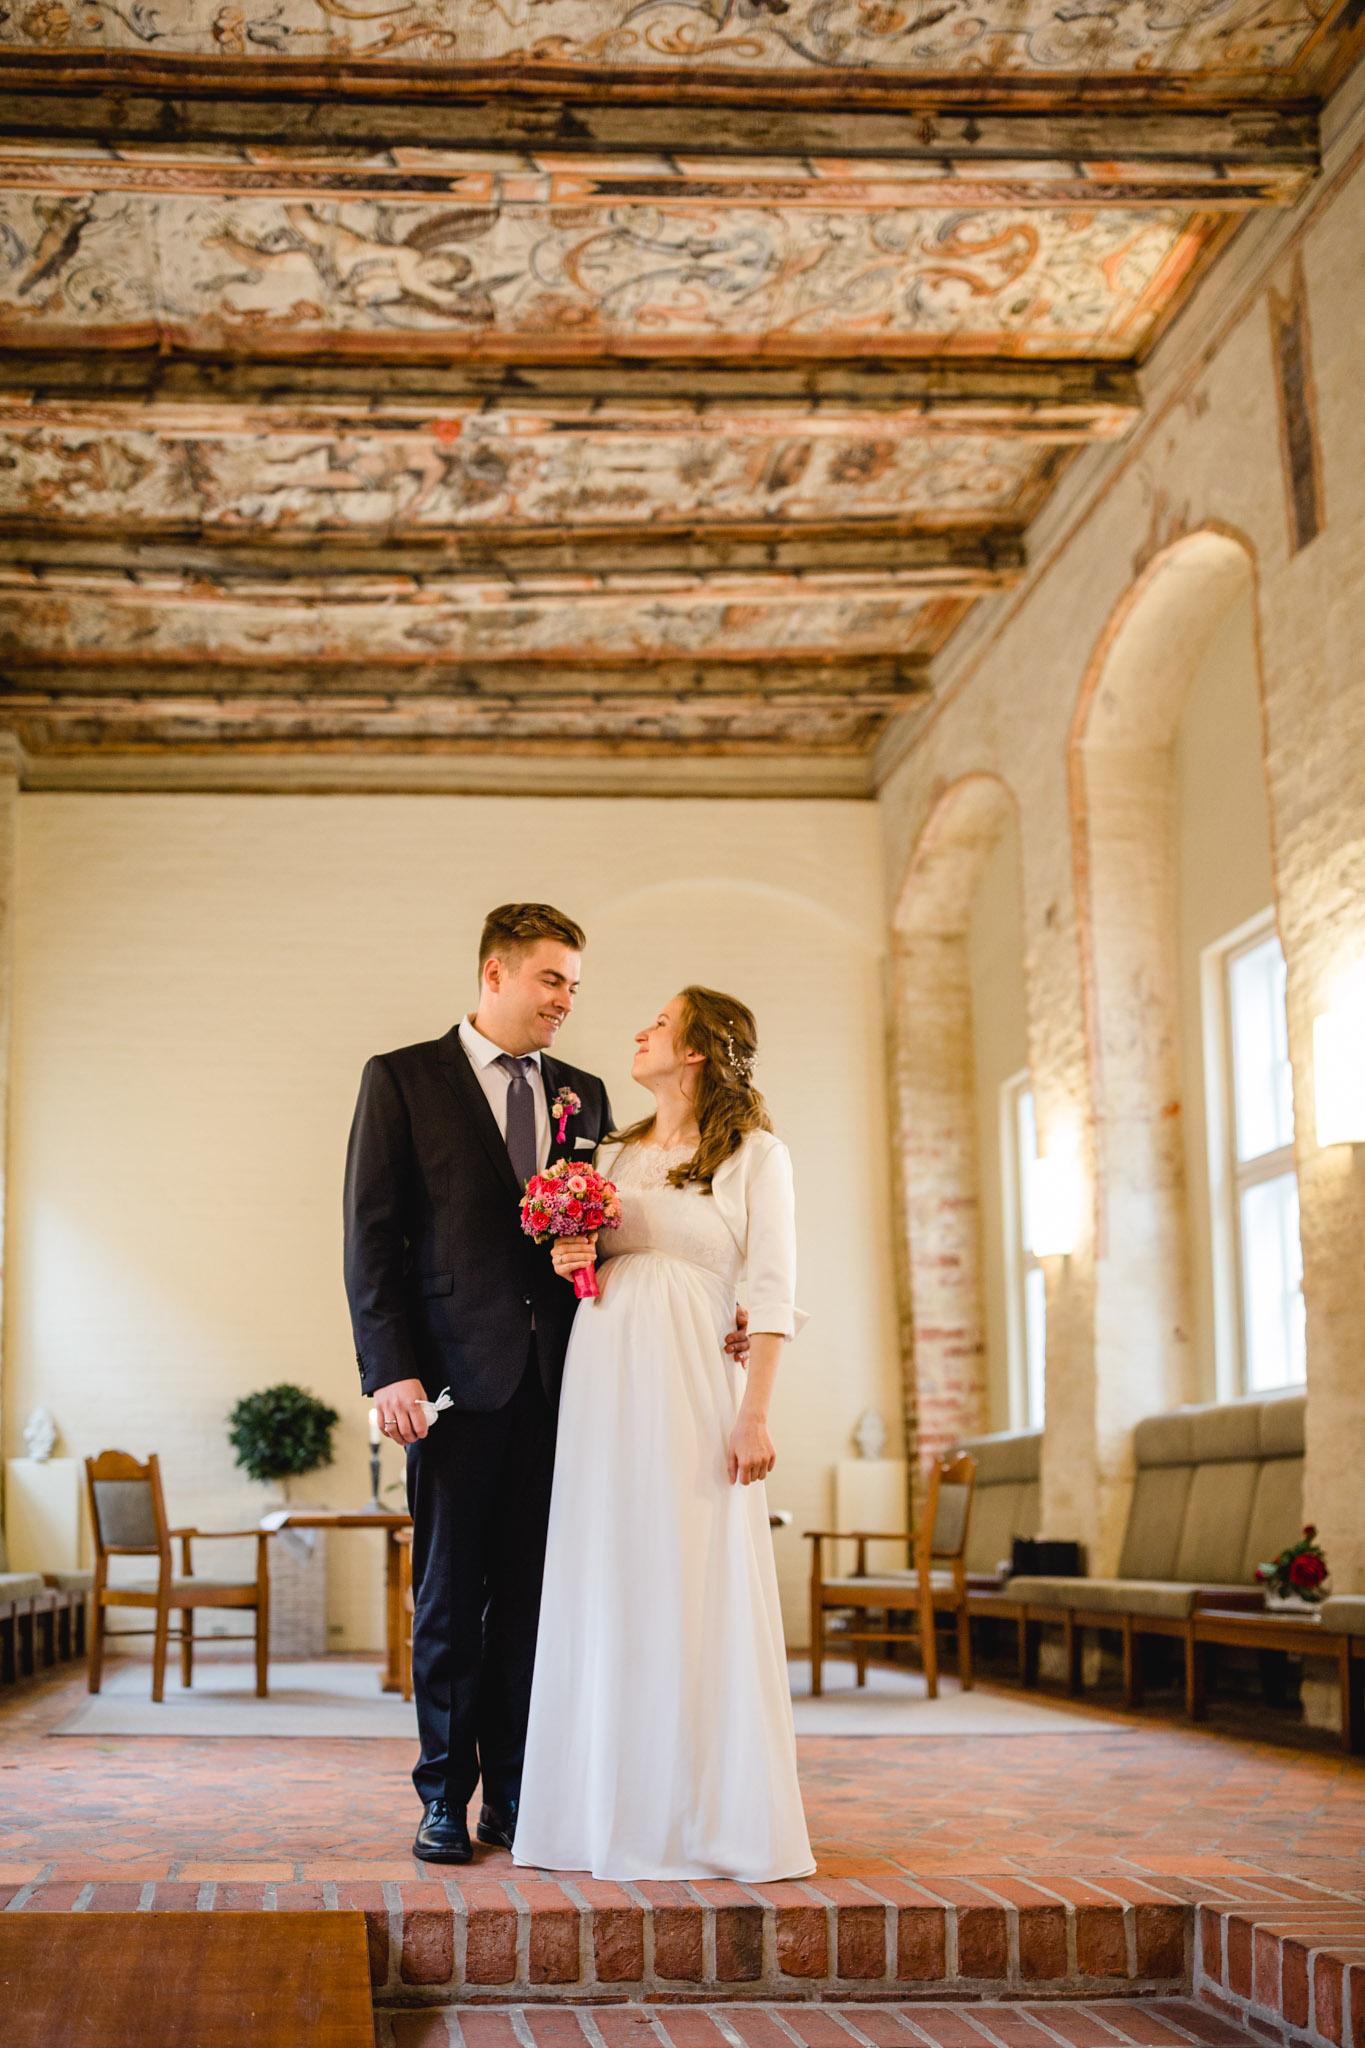 Hochzeitsfoto von Susann & Christian 2